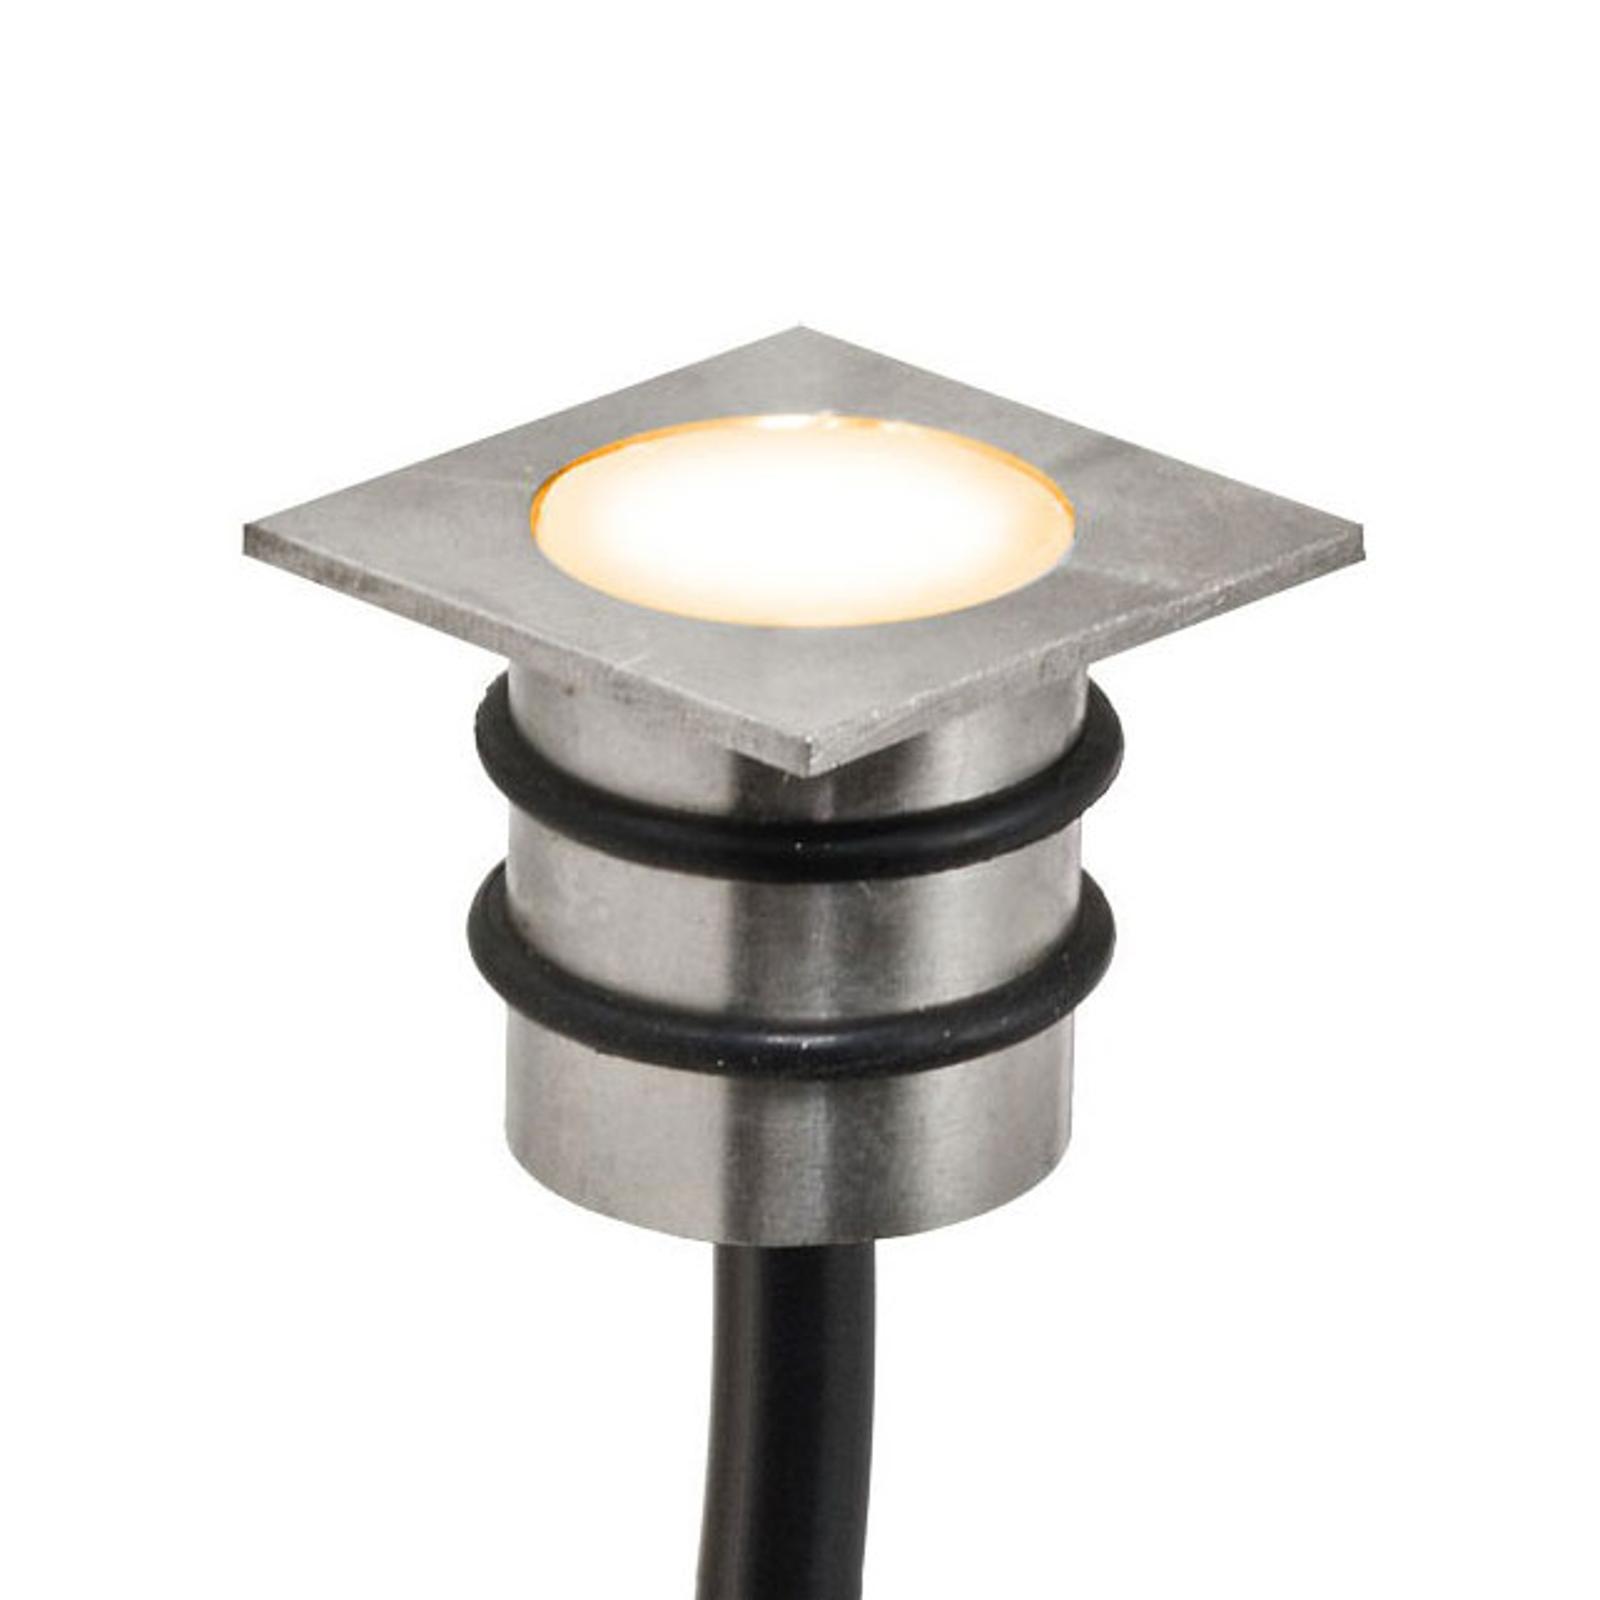 EVN LD4102 Einbaulampe 12V IP68 1,8x1,8cm 0,2W 830